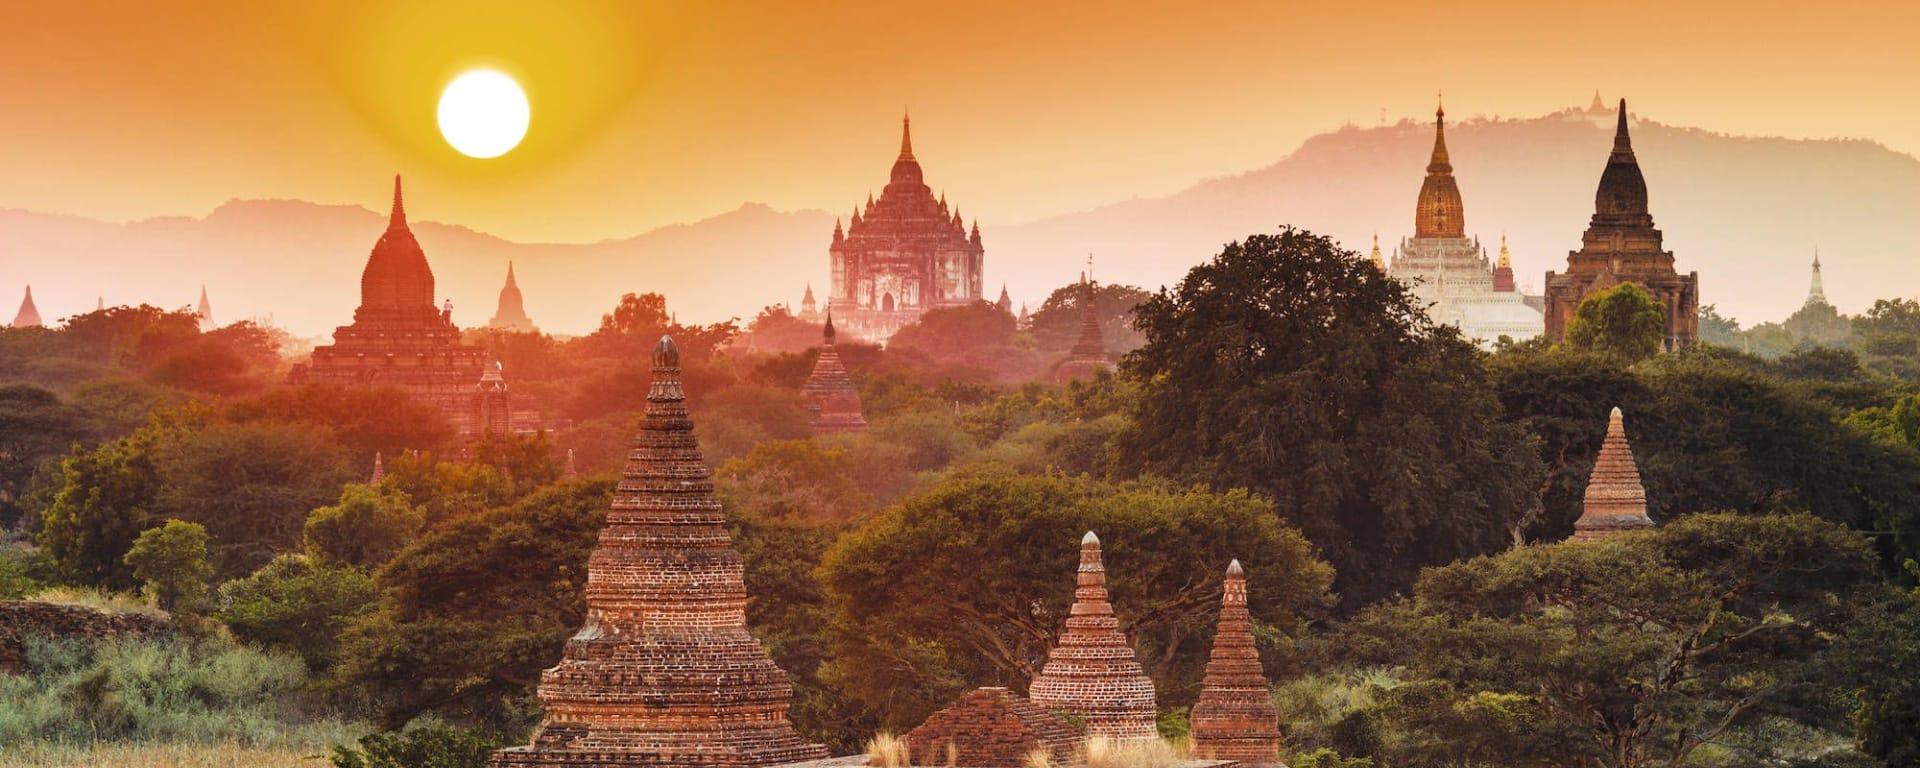 Mythes et légendes du Myanmar de Yangon: Bagan